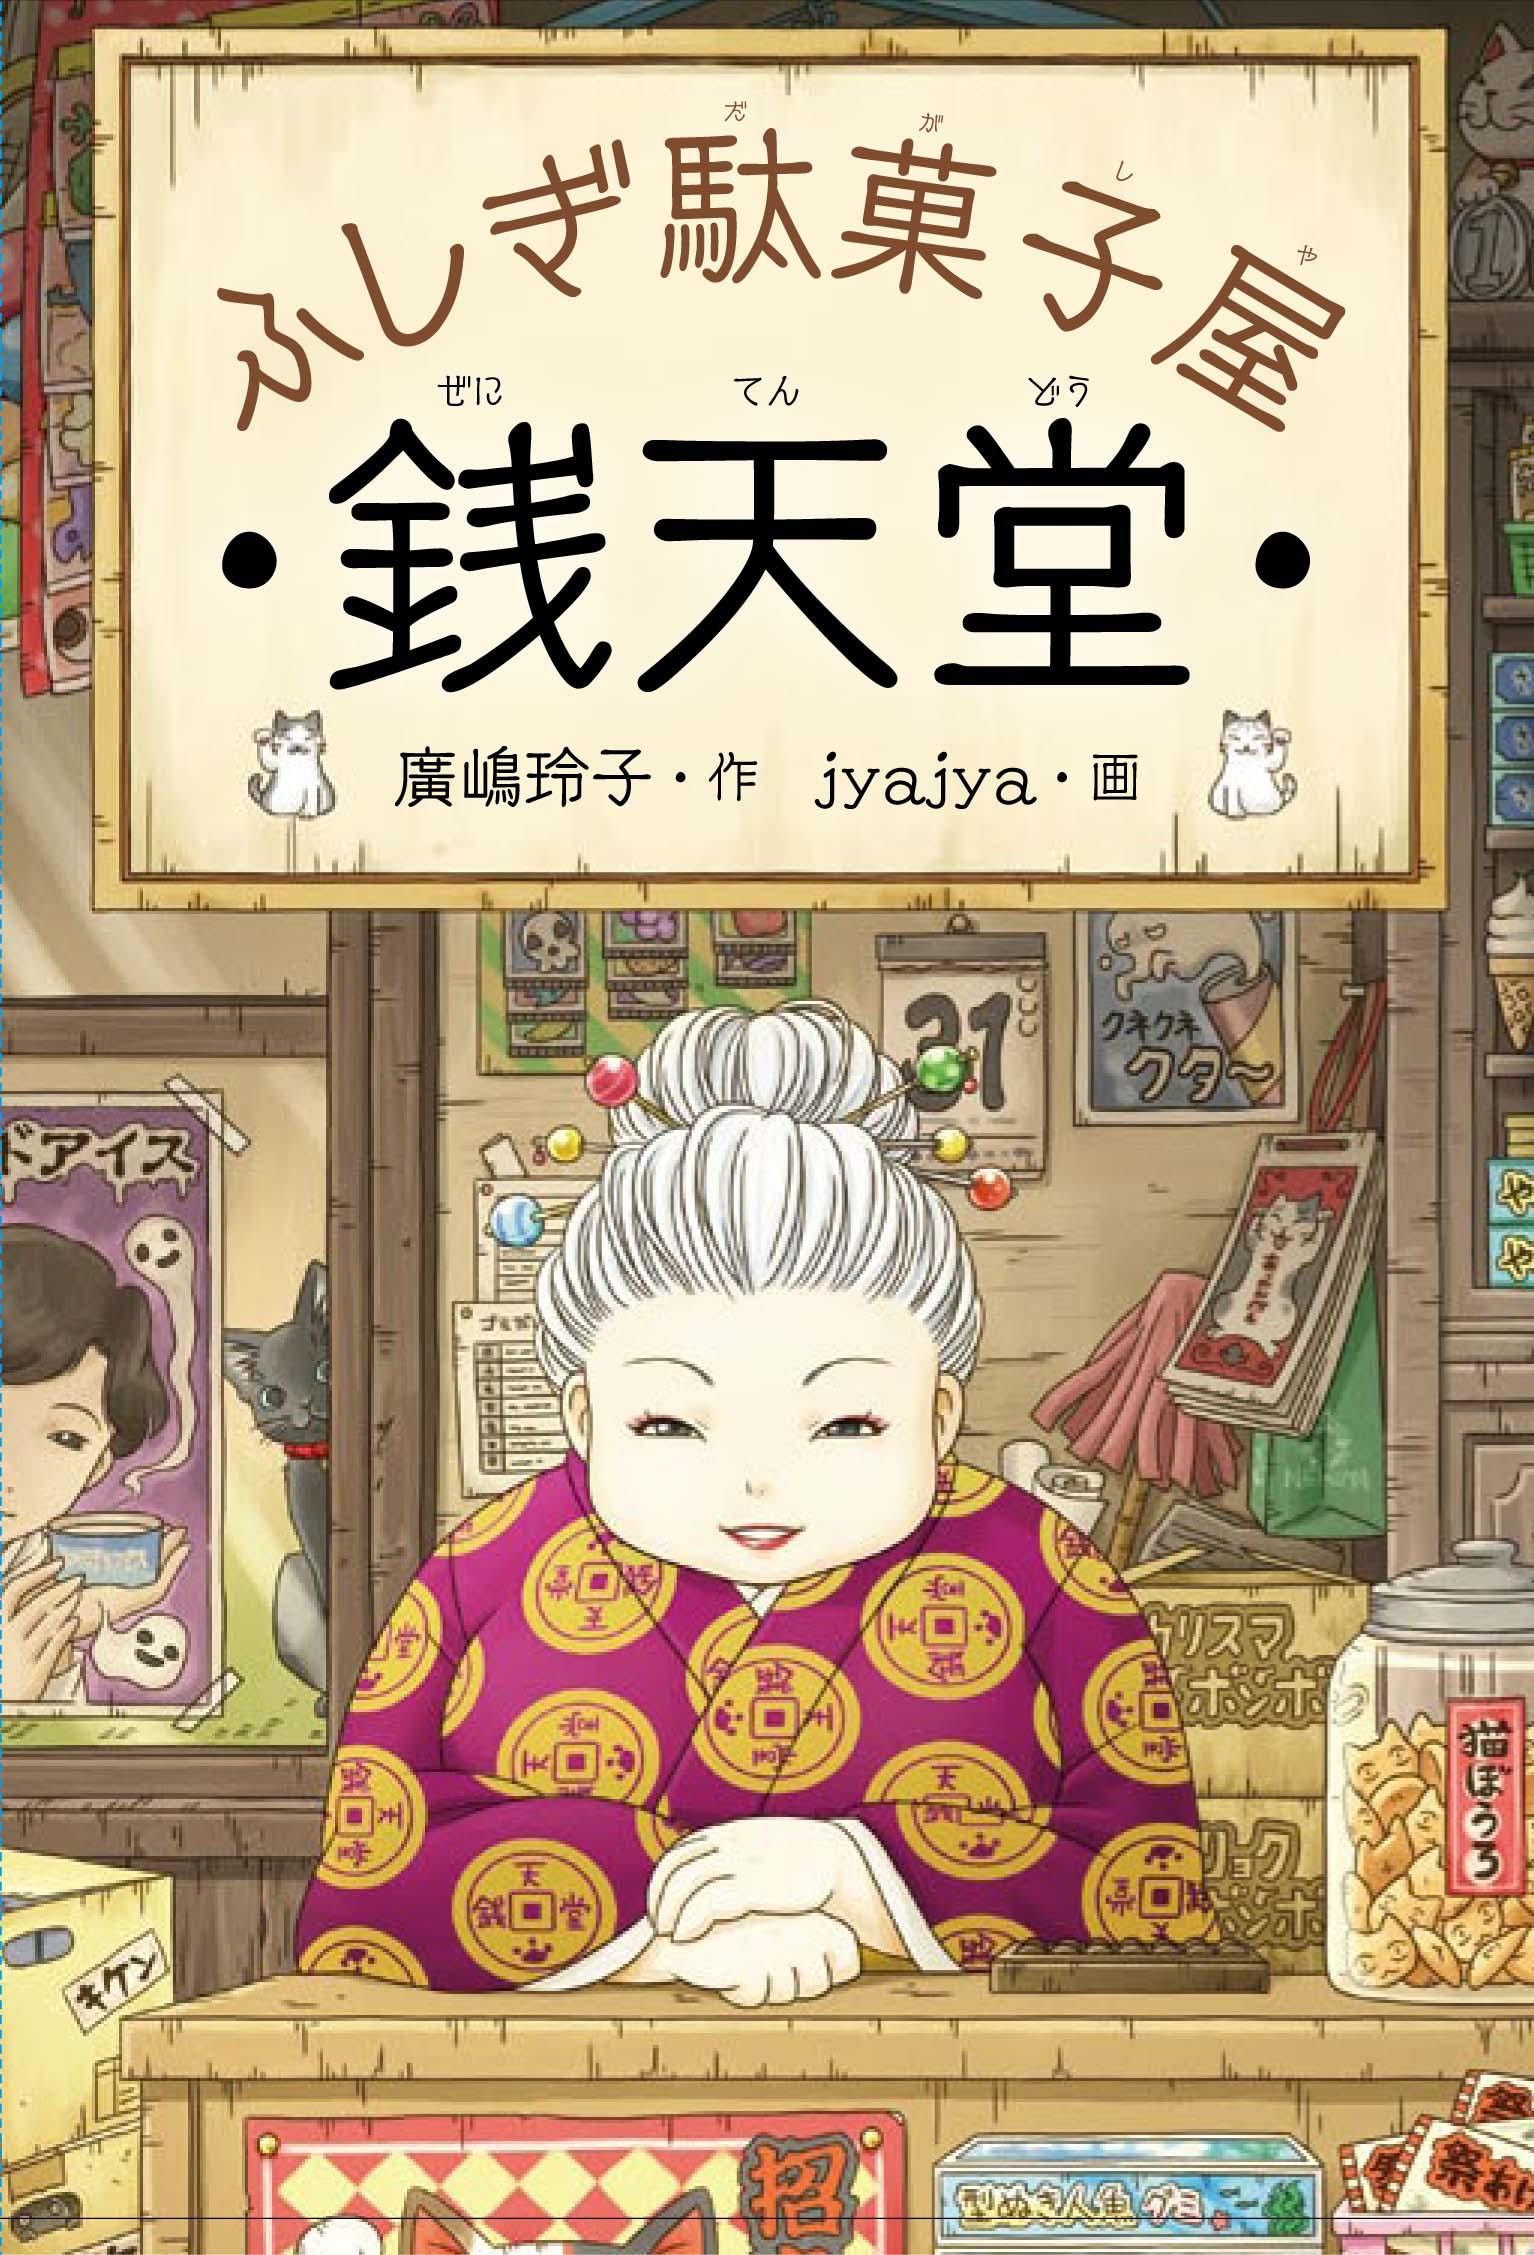 『ふしぎ駄菓子屋 銭天堂』が電子書籍化